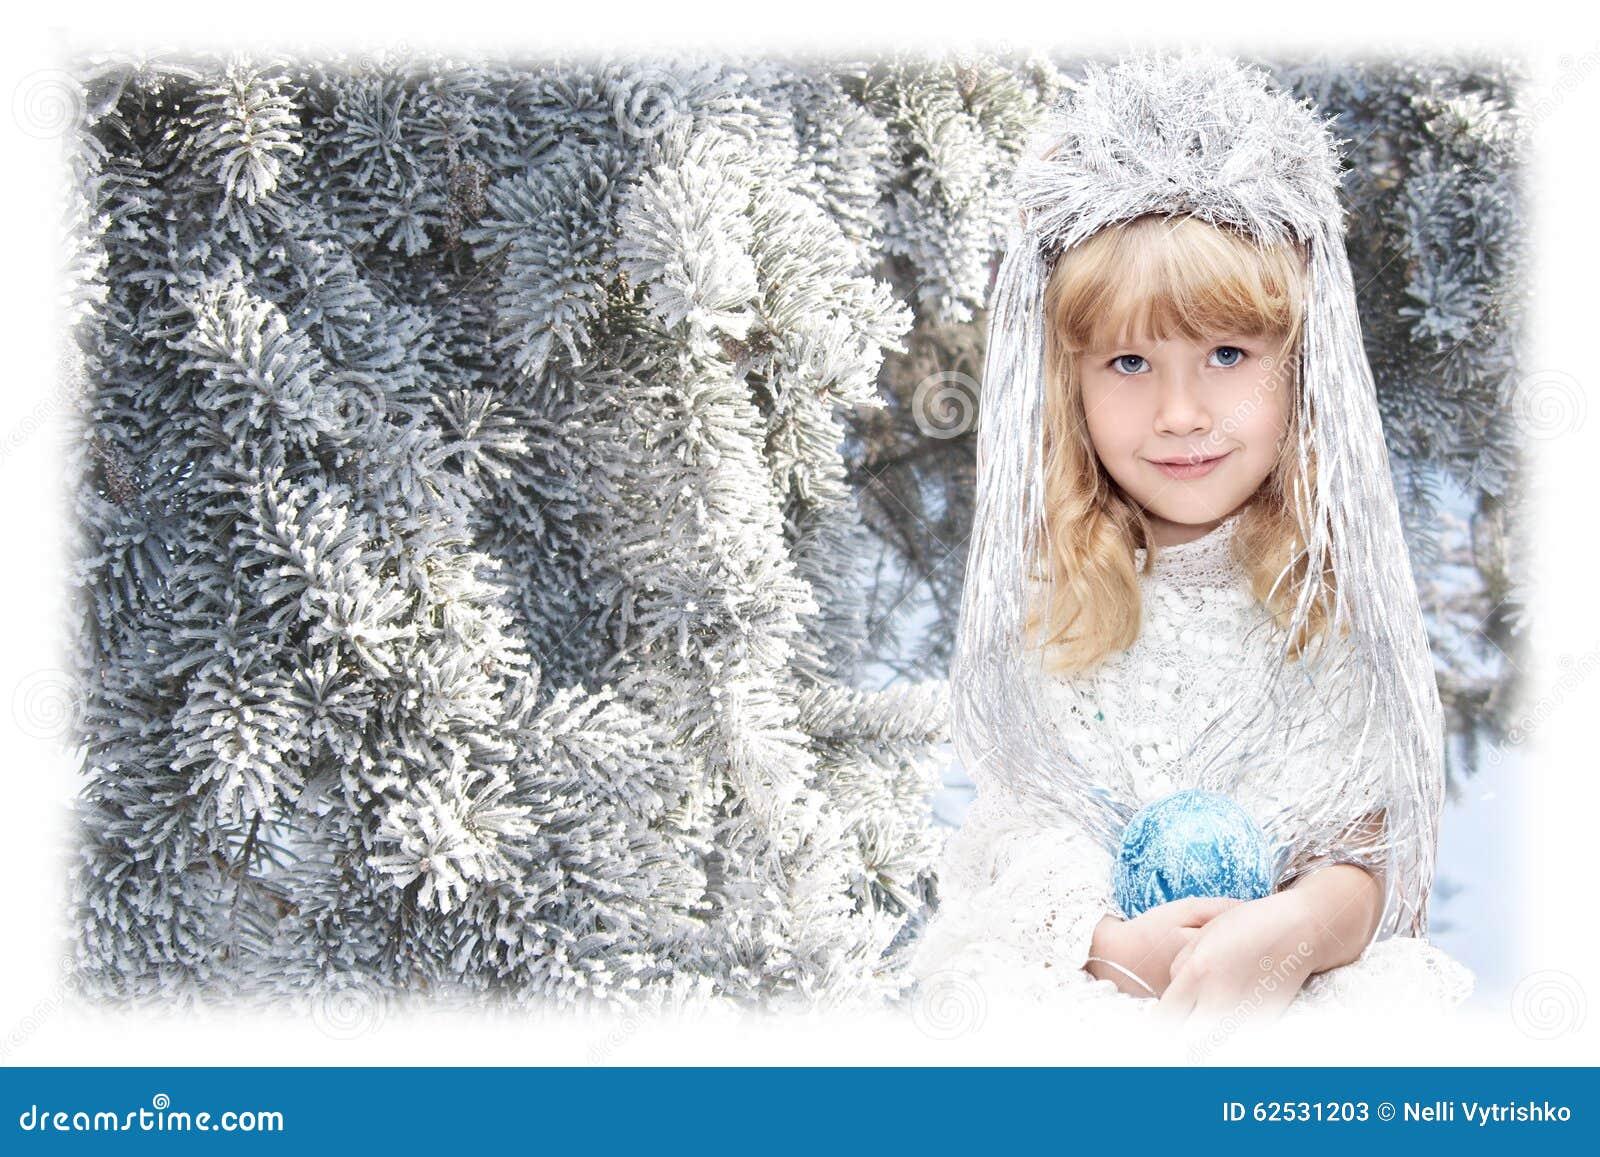 作为雪花打扮的小女孩